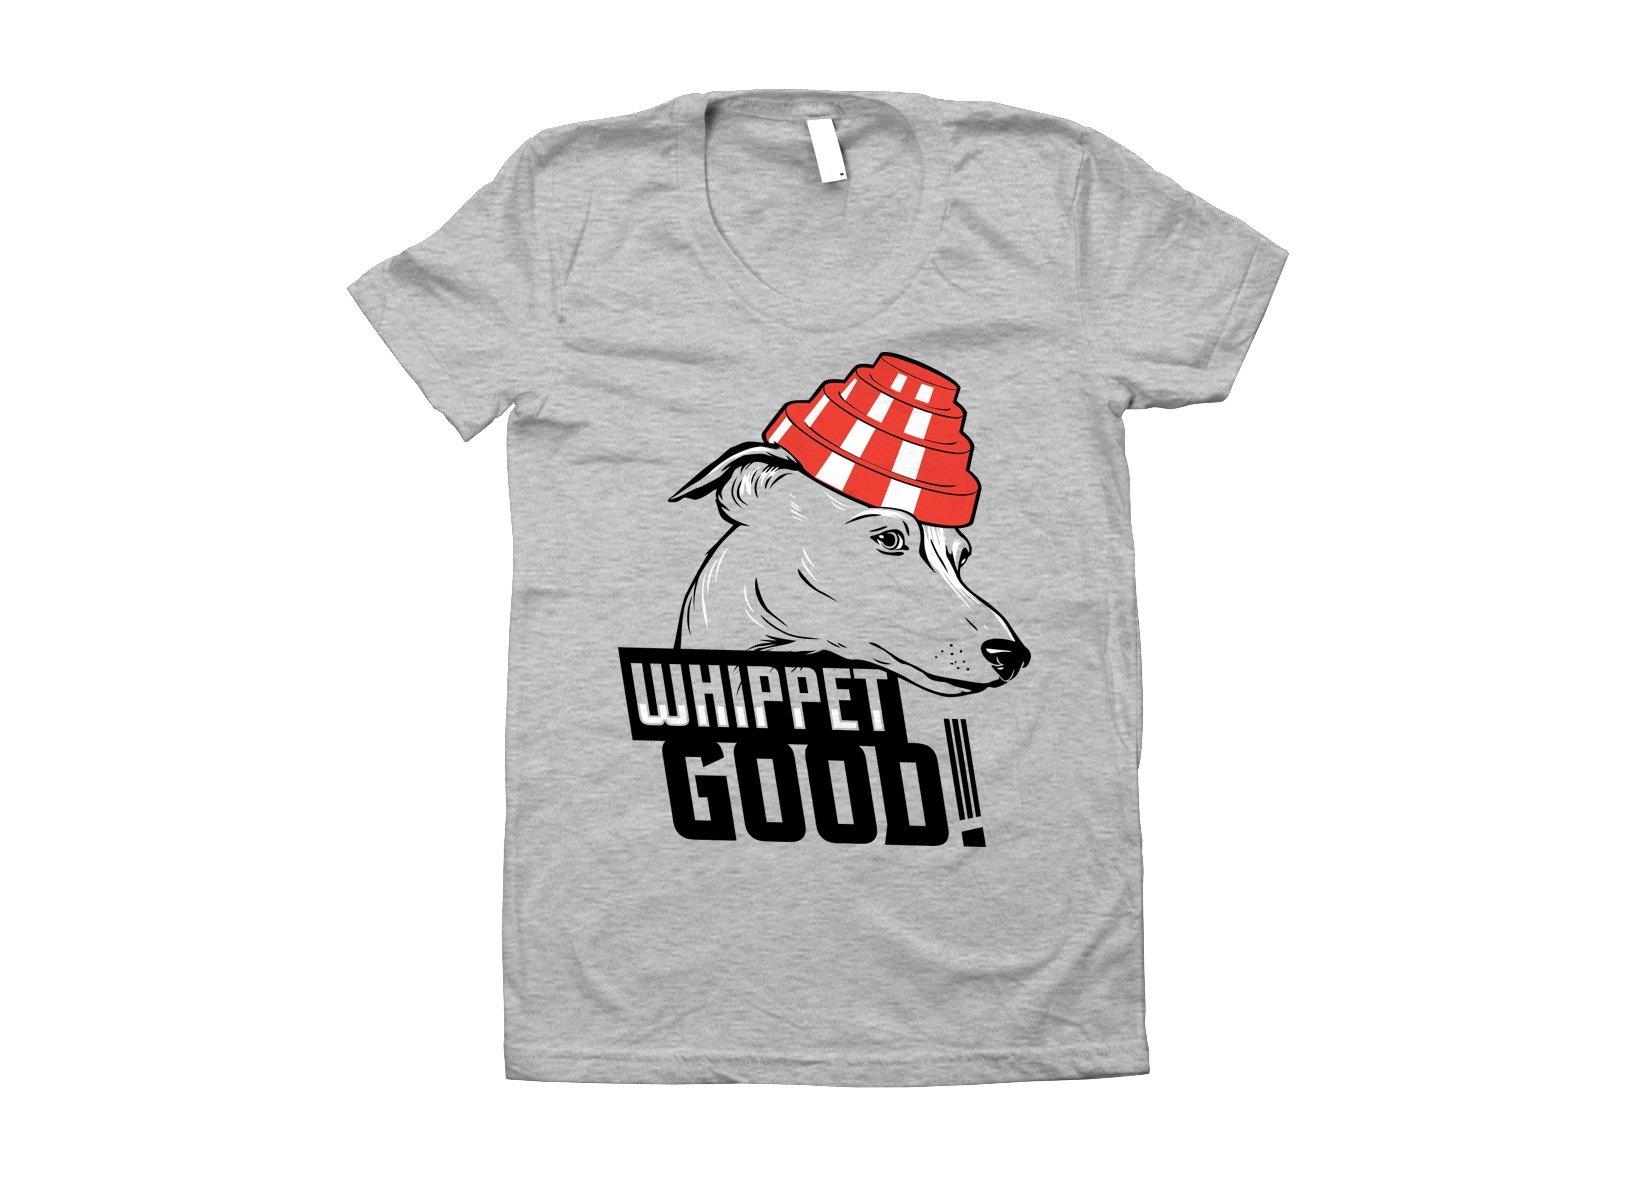 Whippet Good! on Juniors T-Shirt